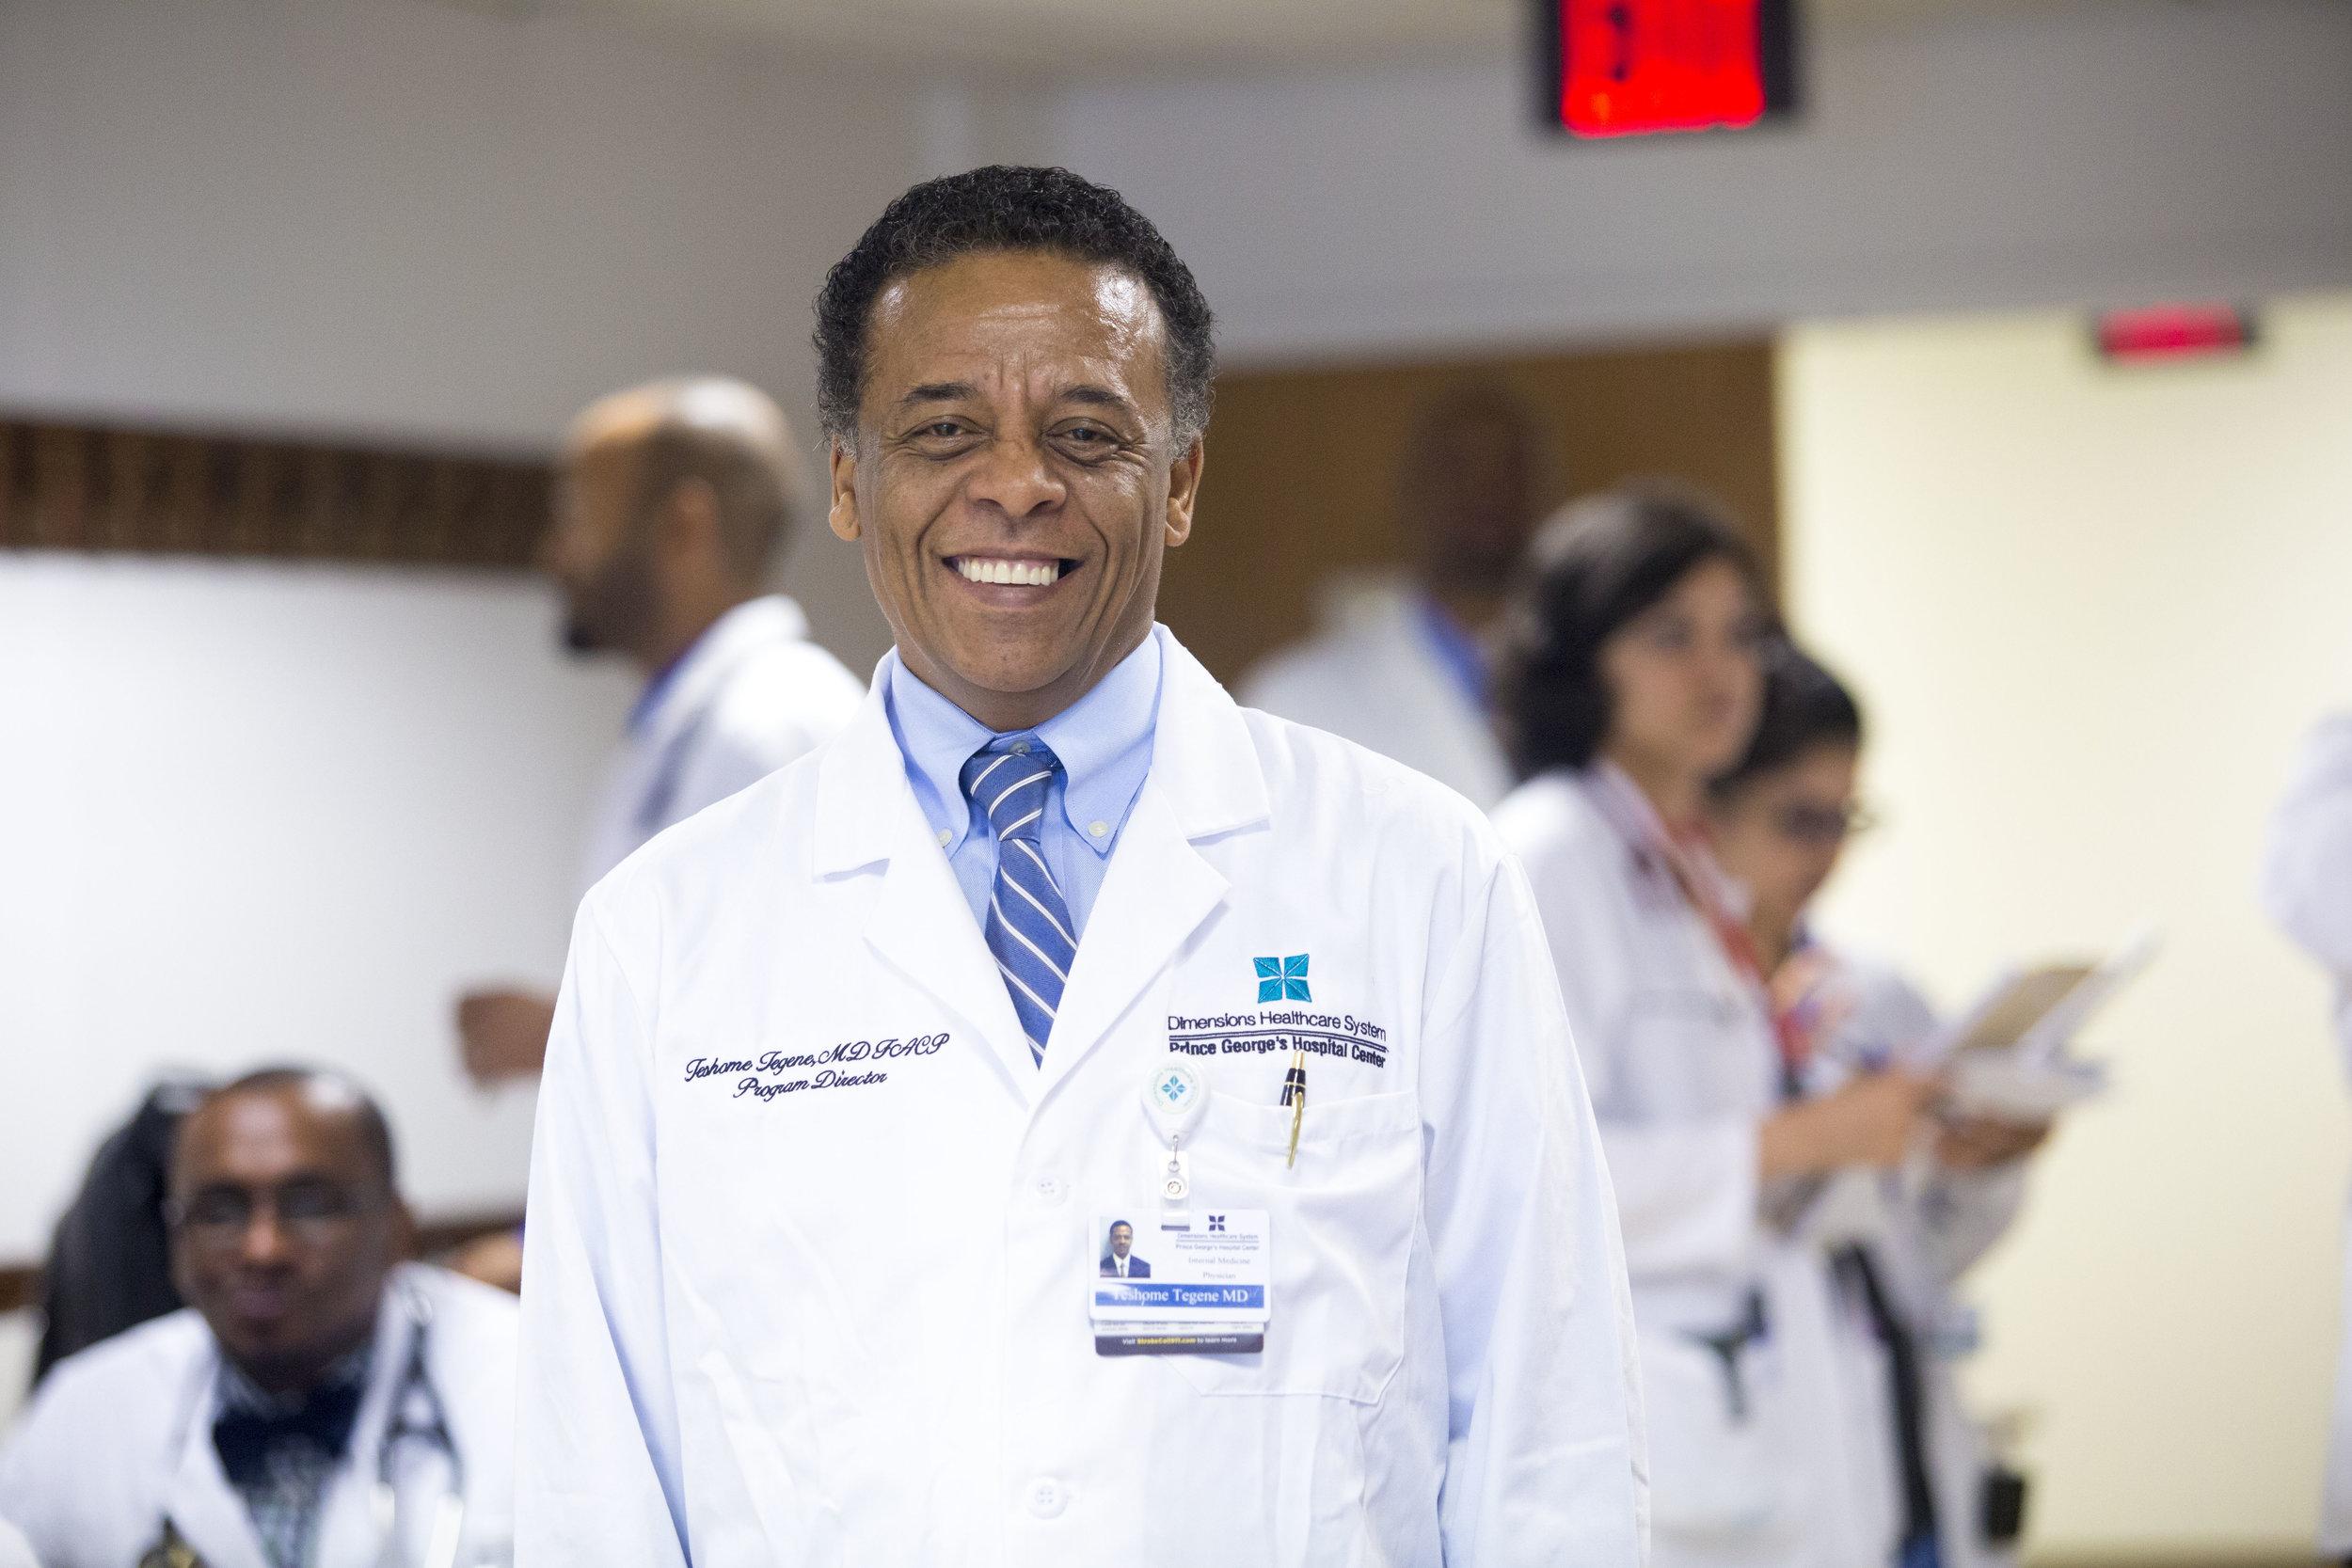 Teshome Tegene, MD, Program Director